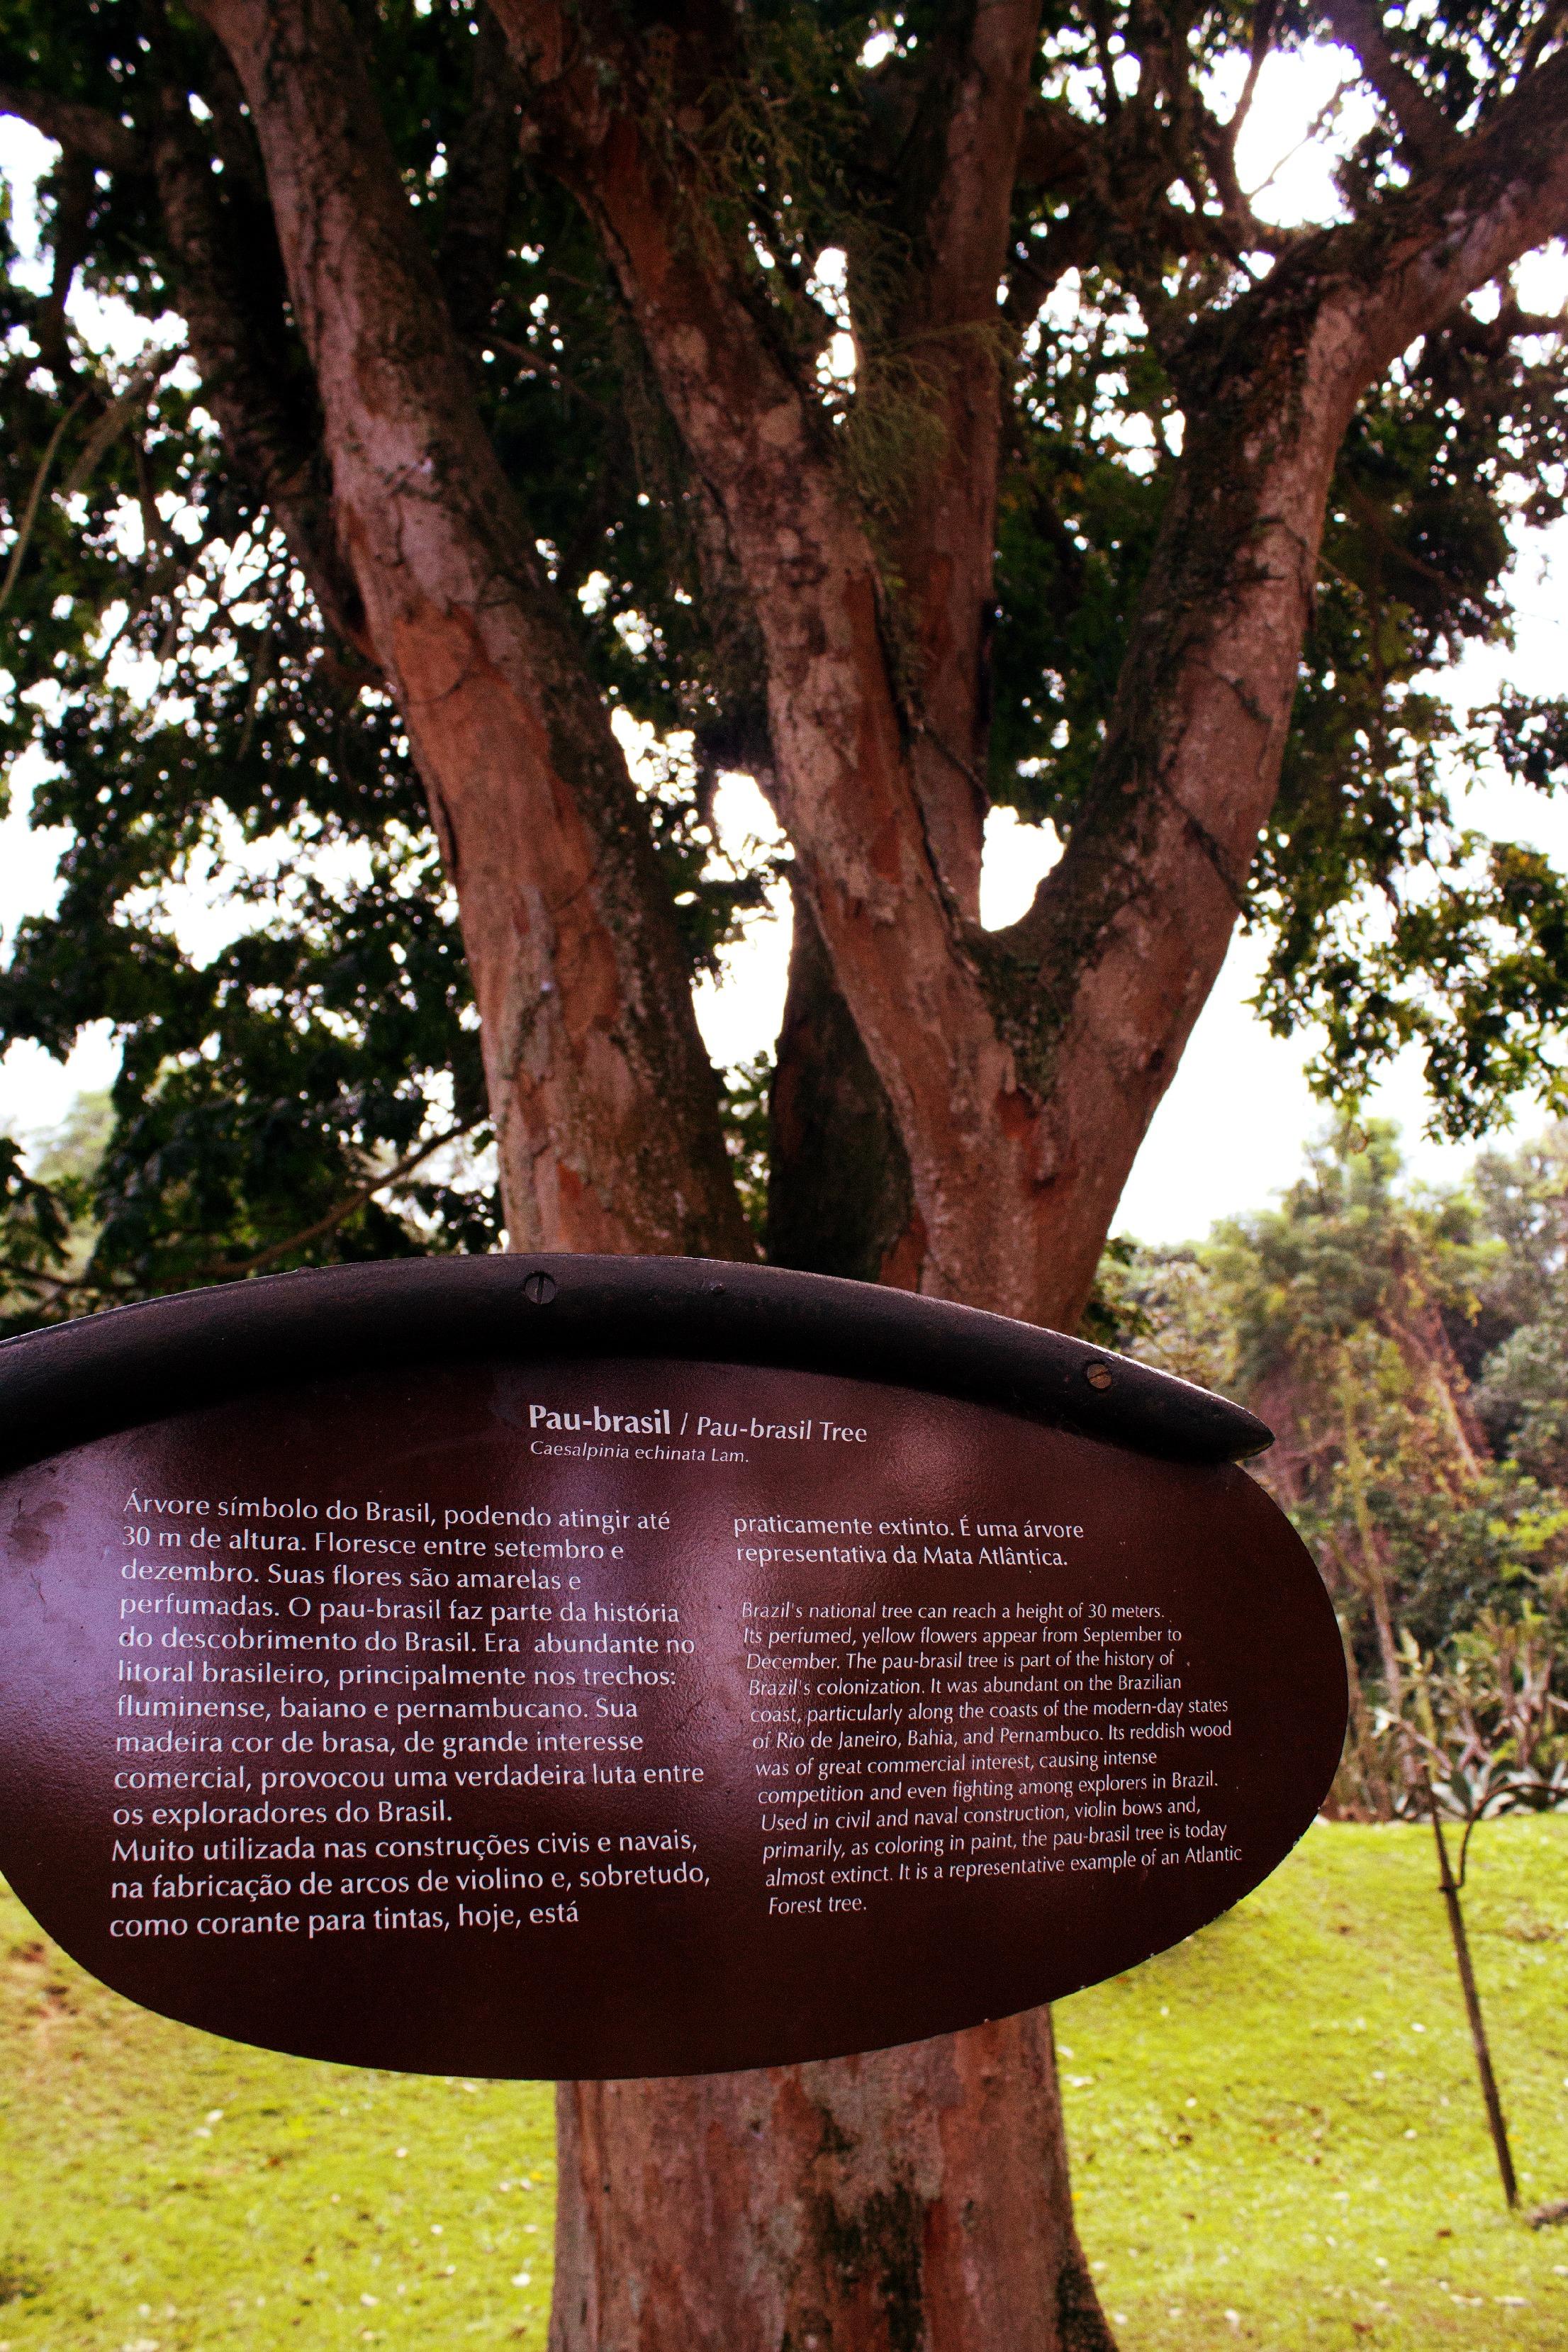 La mayoría de los Stradvarius están construídos con madera de pau-brasil